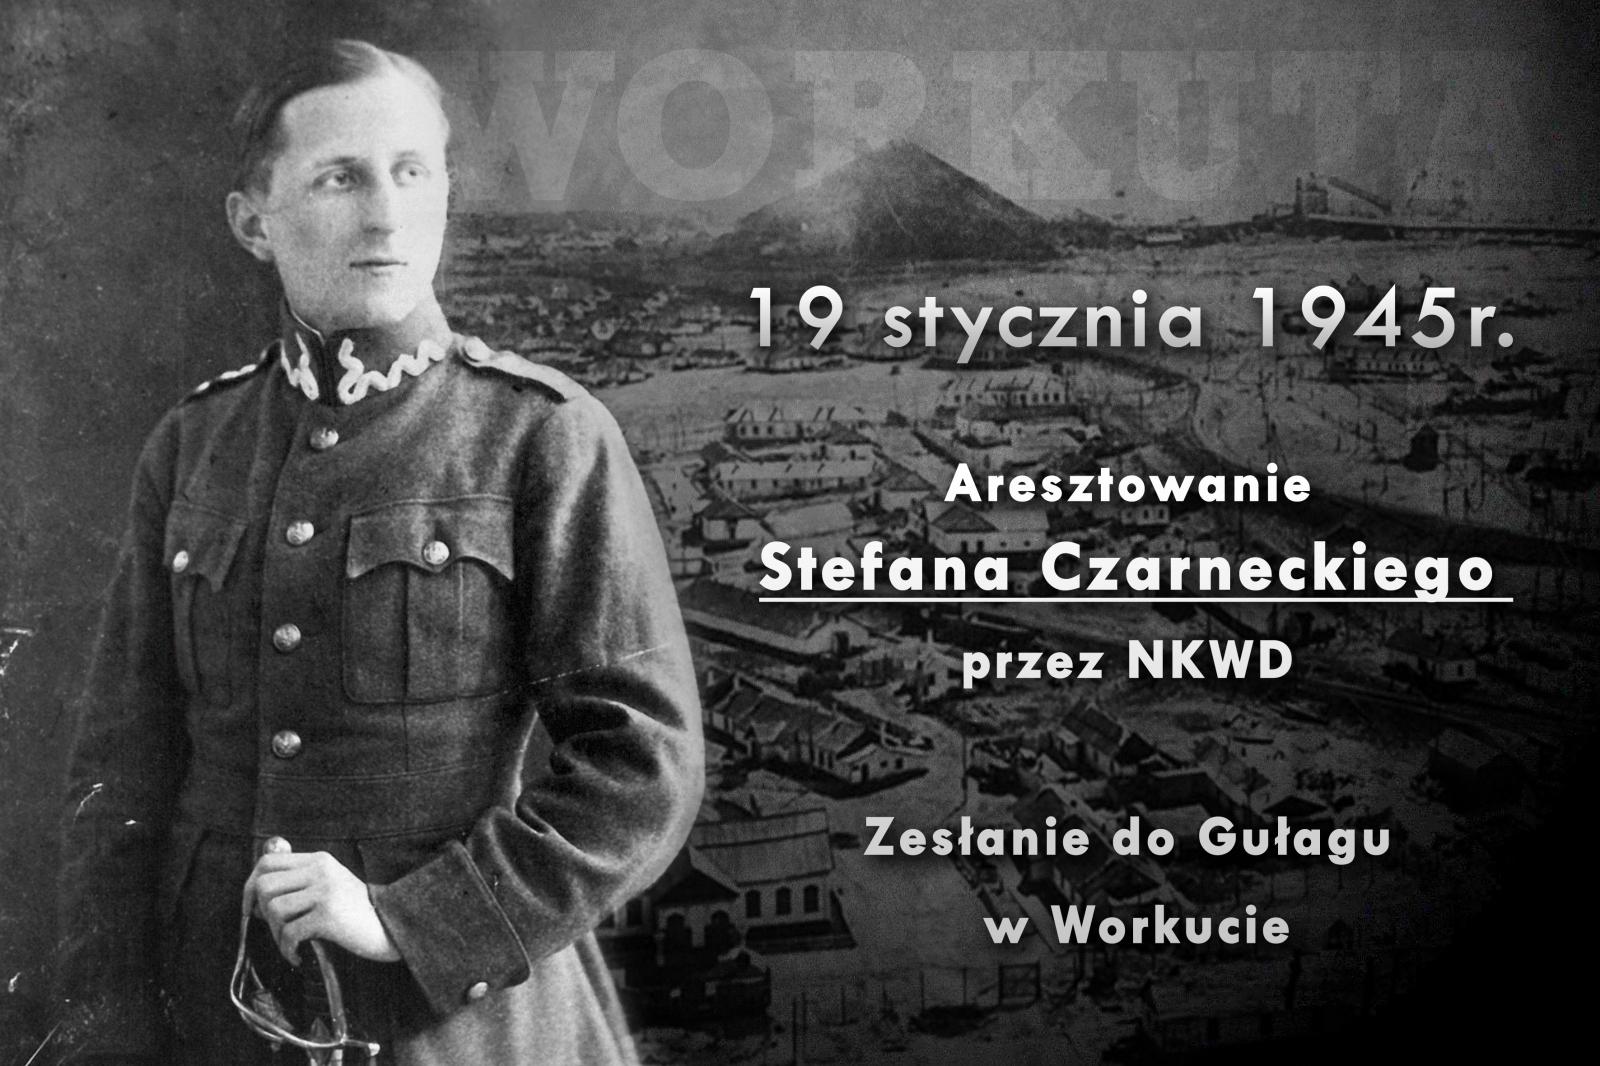 19 STYCZNIA 1945 R. ARESZTOWANIE STEFANA CZARNECKIEGO PRZEZ NKWD